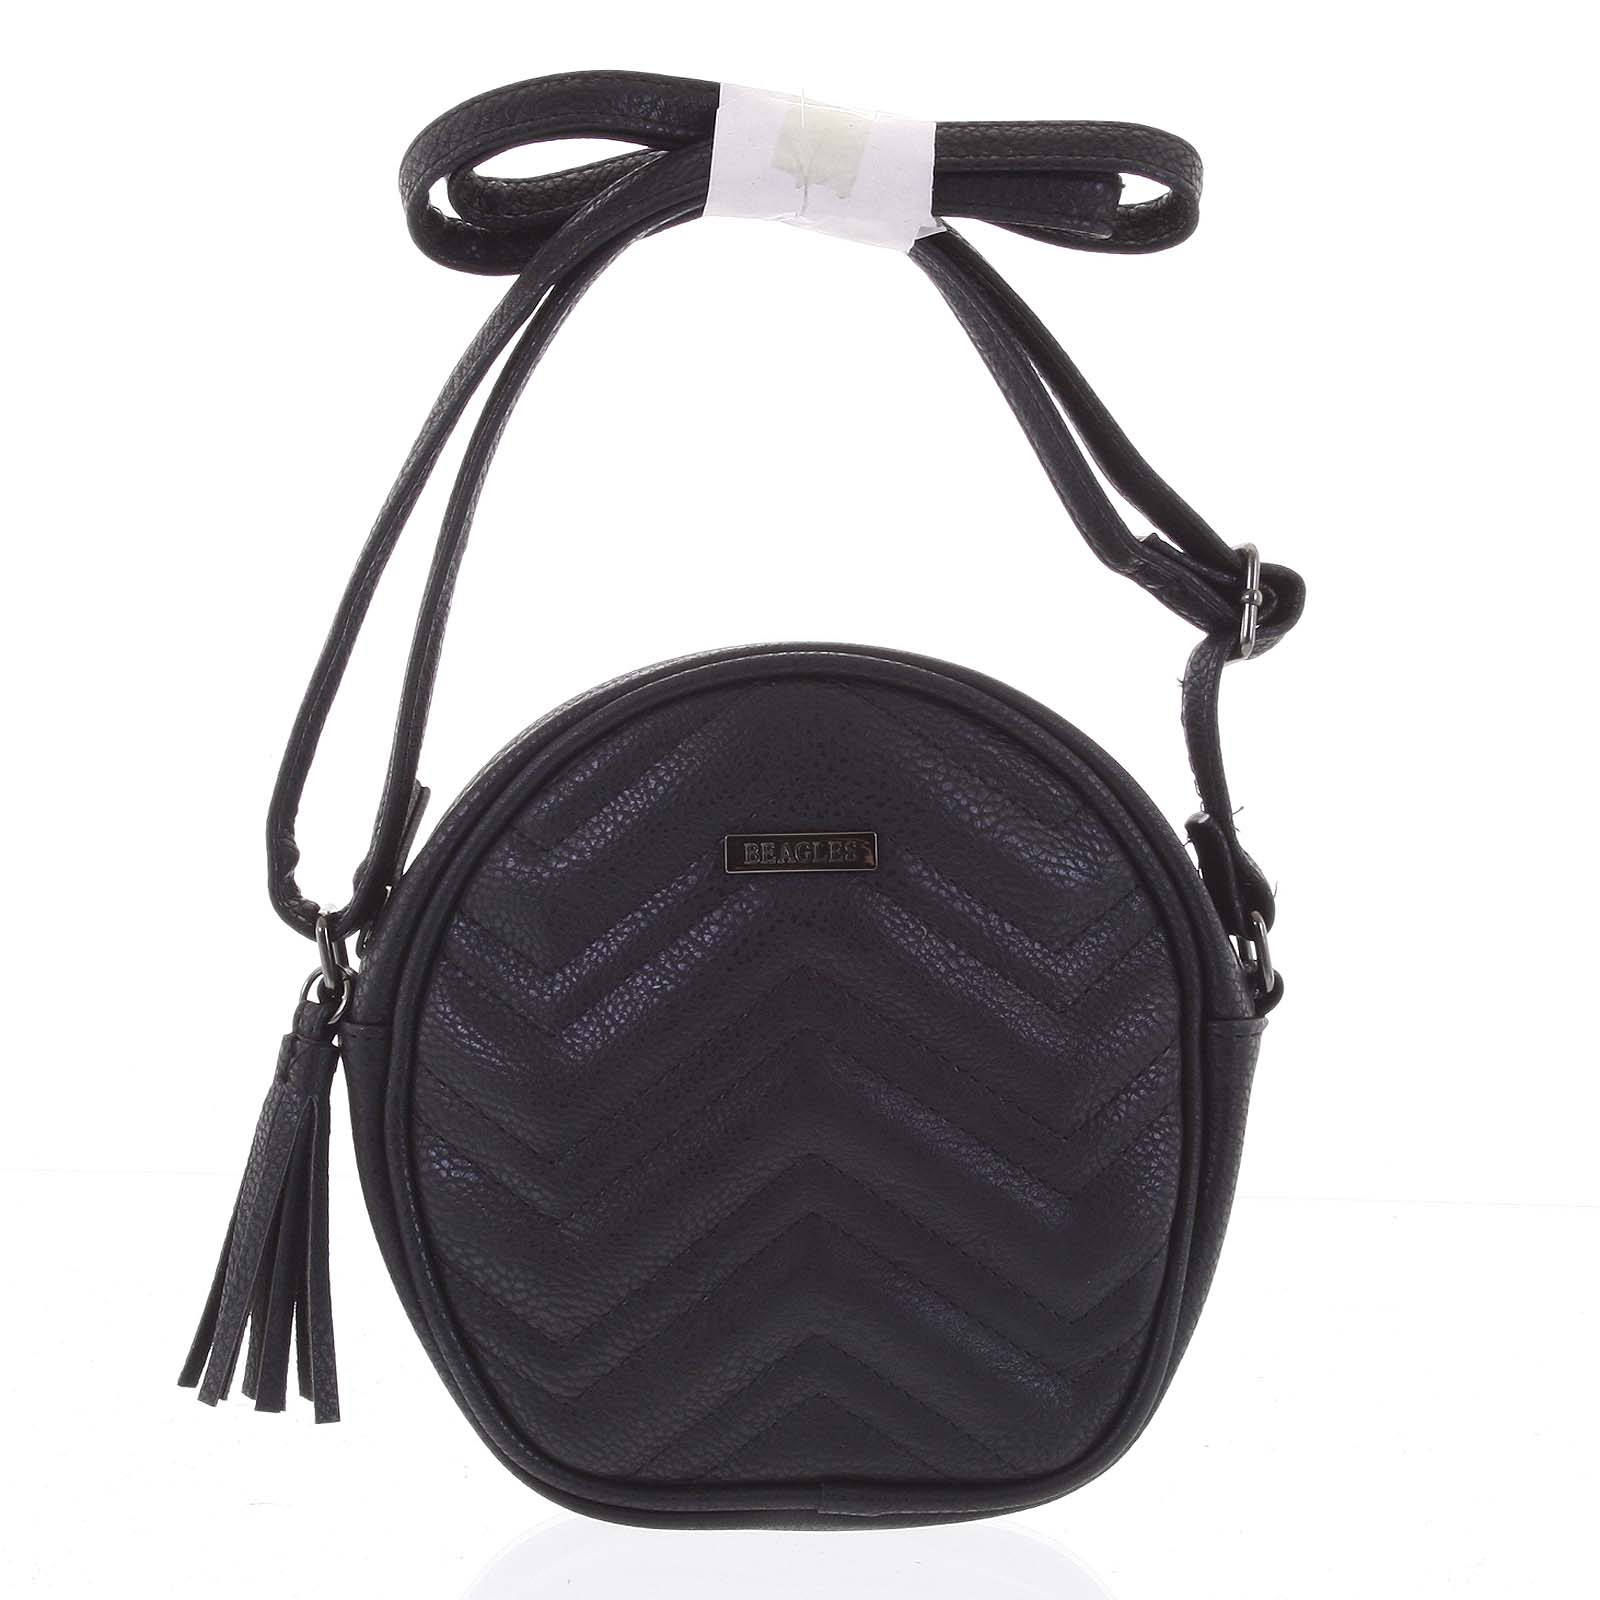 Malá trendy crossbody kabelka čierna - Beagles Mana